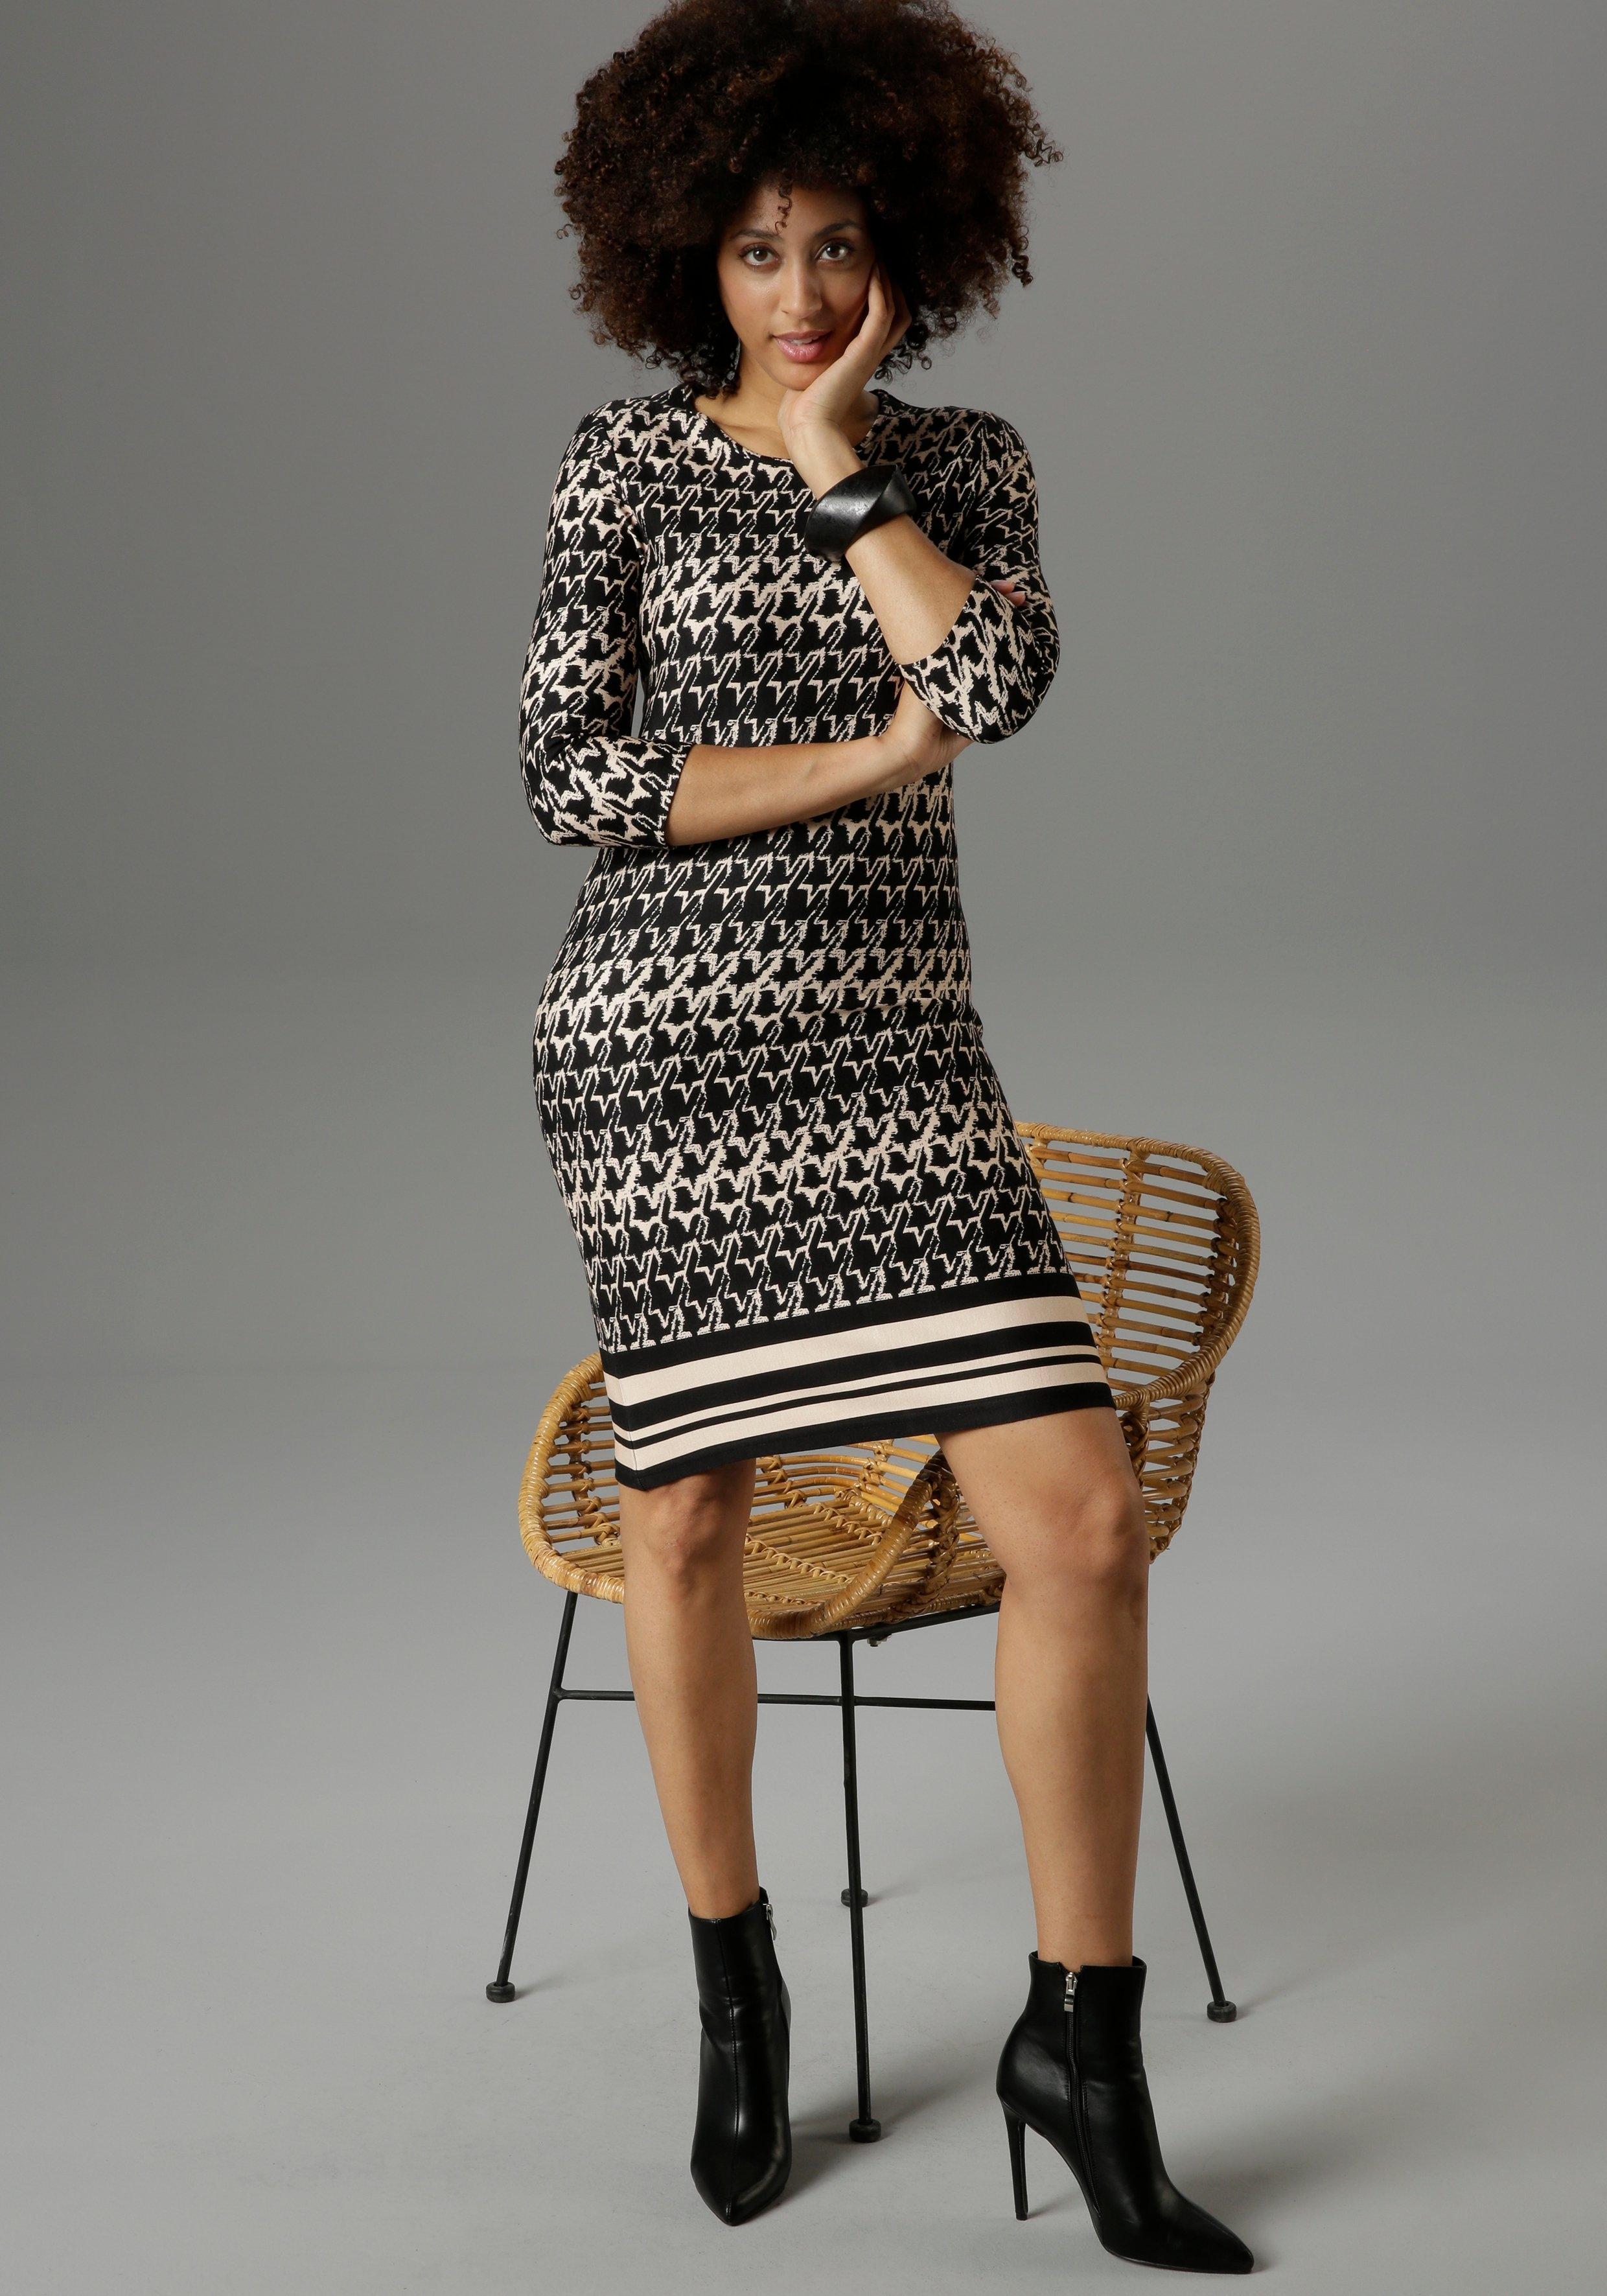 Aniston SELECTED jerseyjurk Pied-de-poulemotief met gestreept randdessin - NIEUWE COLLECTIE - verschillende betaalmethodes